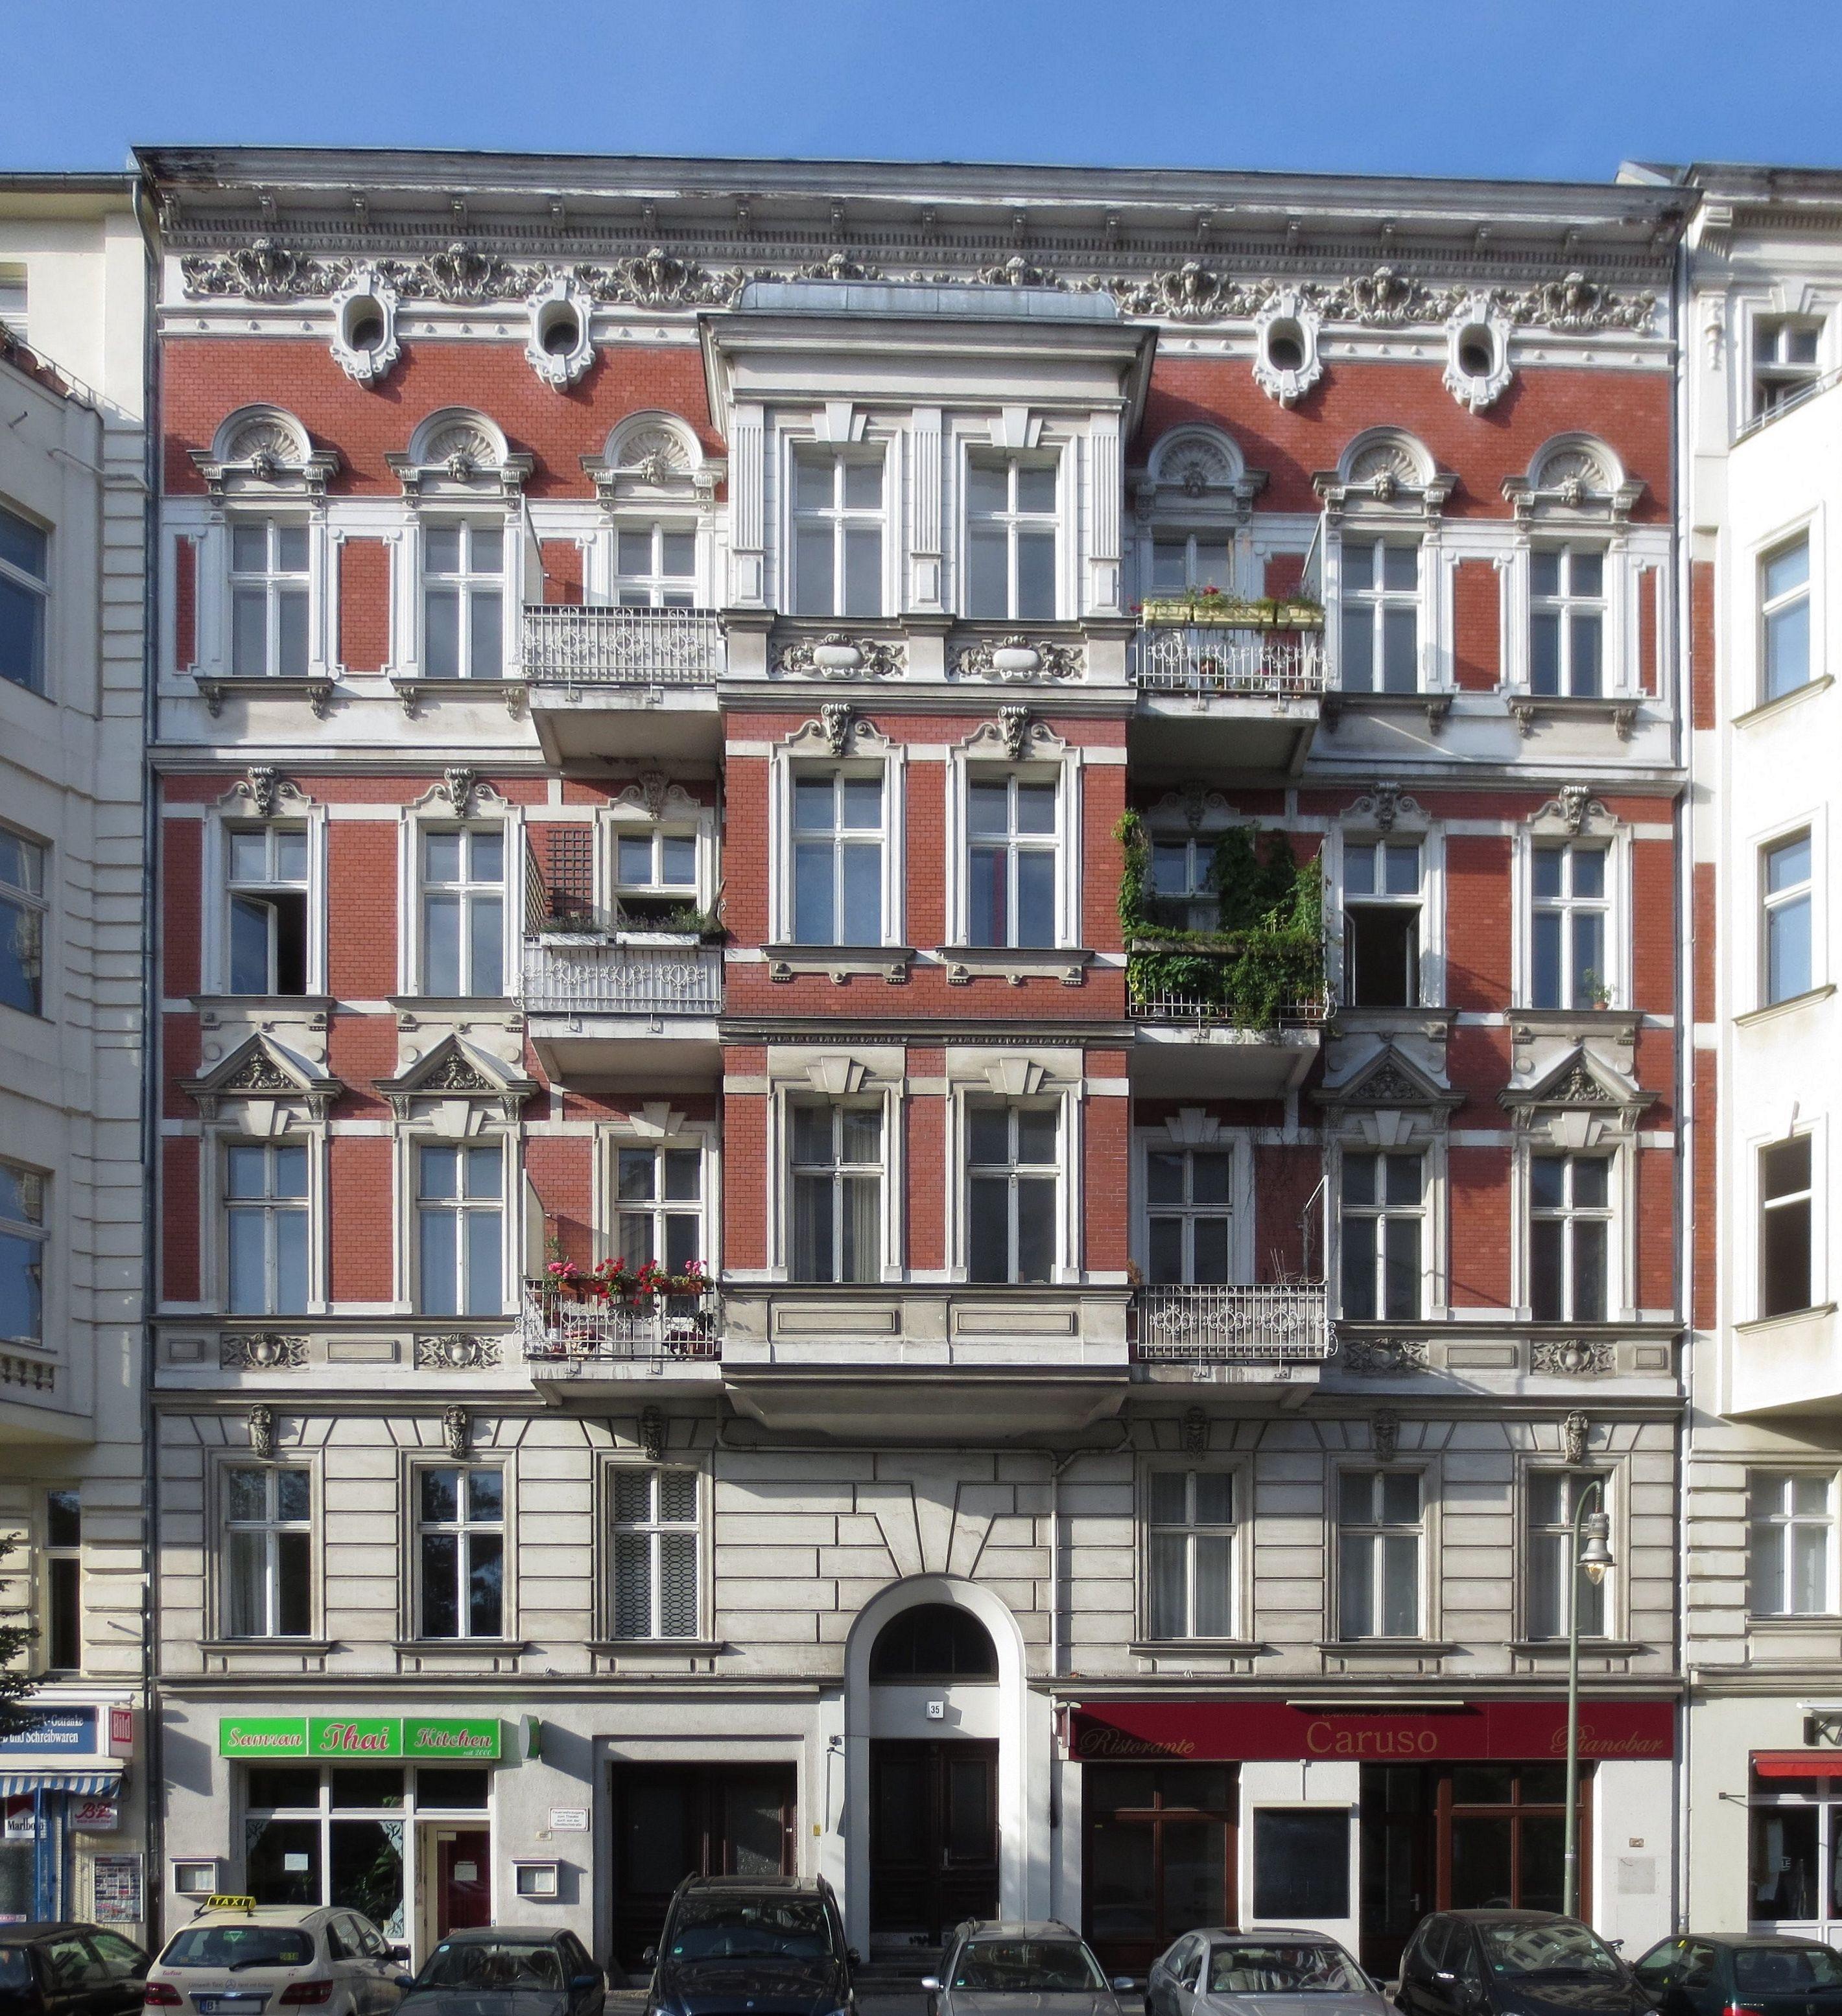 file berlin schoeneberg winterfeldtstrasse 35 wikimedia commons. Black Bedroom Furniture Sets. Home Design Ideas